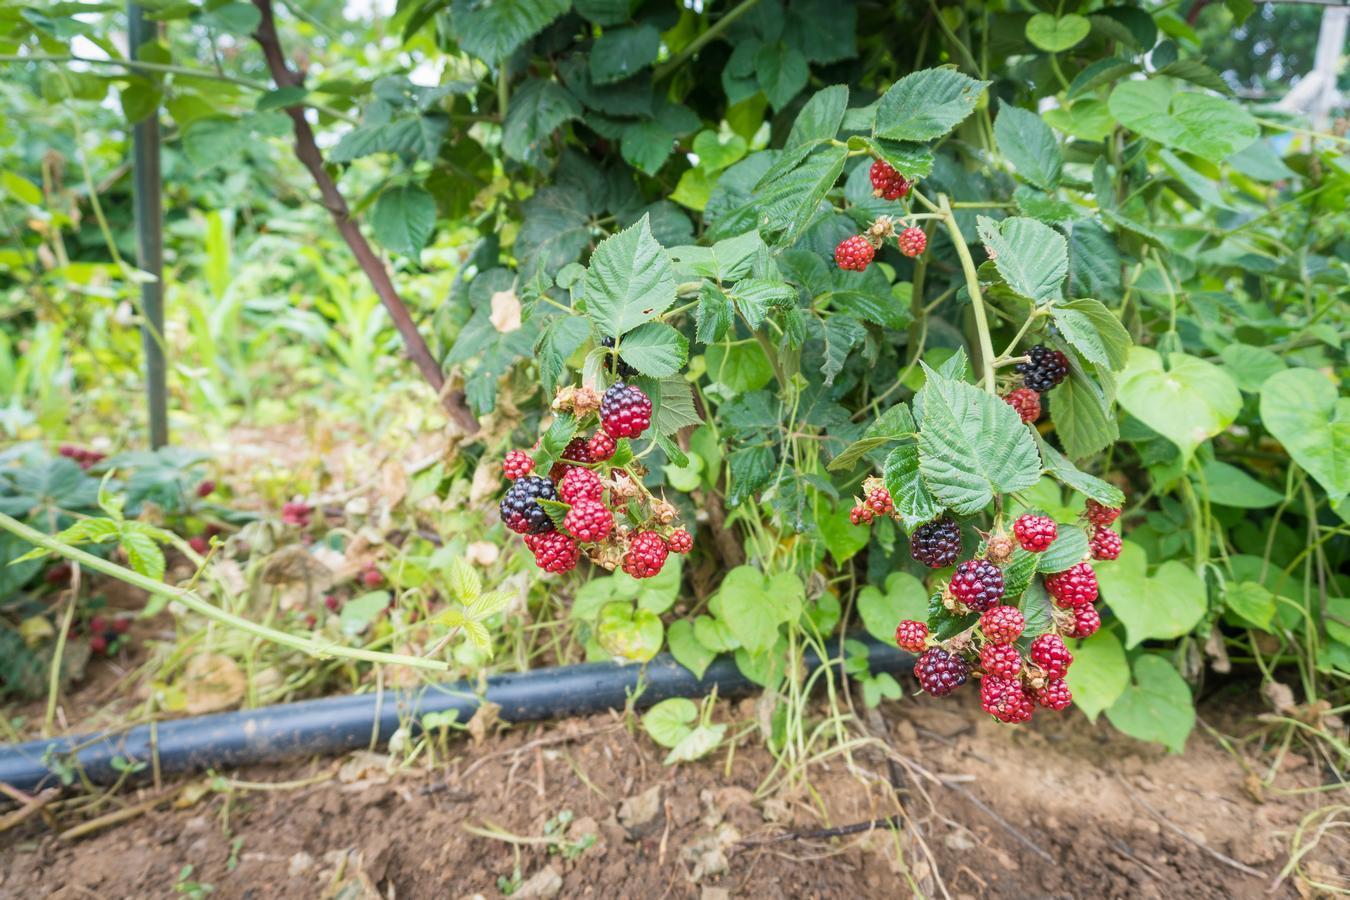 农村小伙不出门打工 回家种黑色水果每年净赚50万